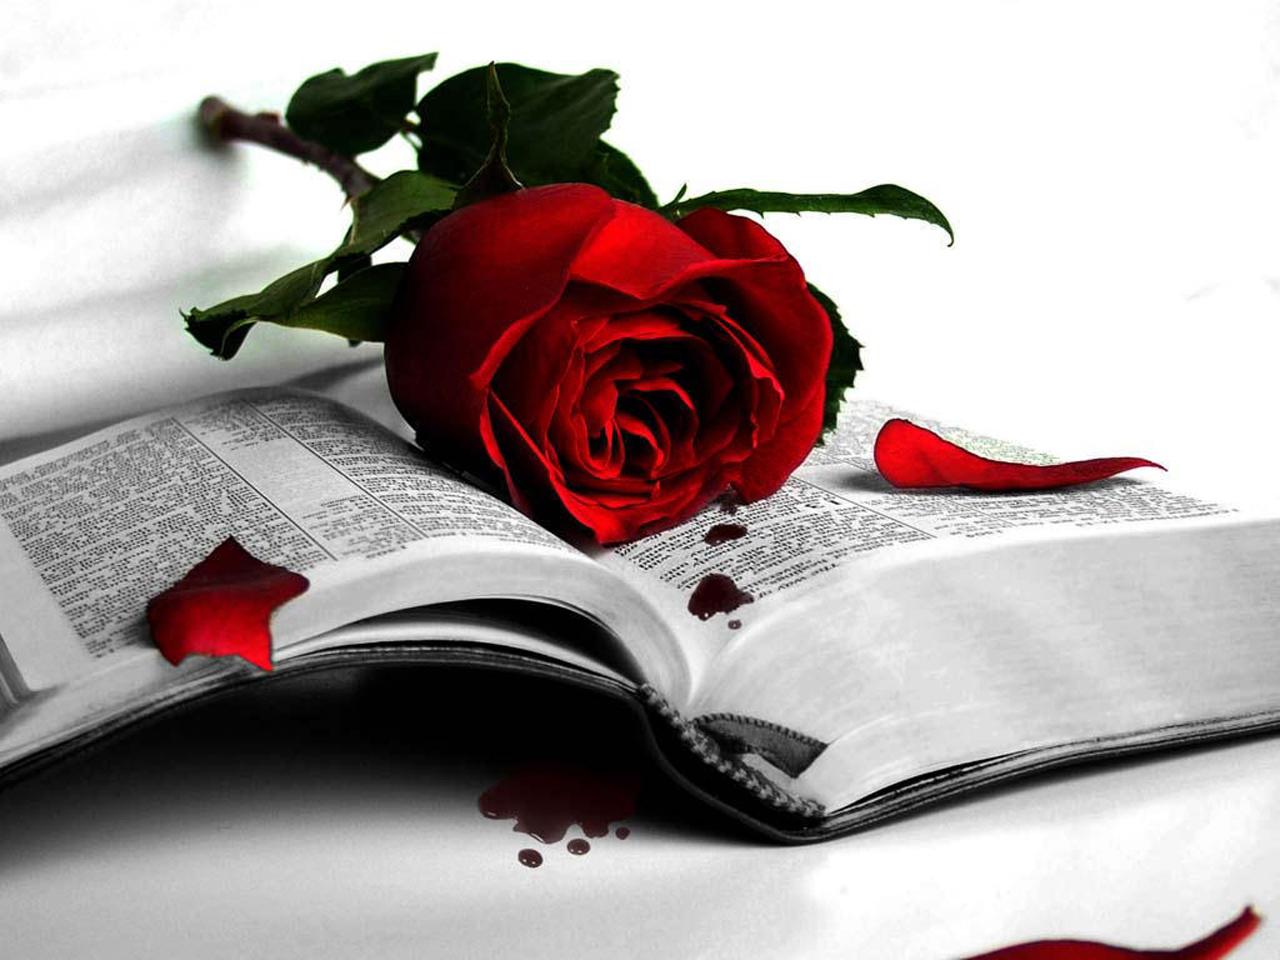 http://1.bp.blogspot.com/-6StlE87VLk0/T9V2GqAiH_I/AAAAAAAAFgw/oS6n_z7j0gA/s1600/Rose-Wallpaper-76.jpg